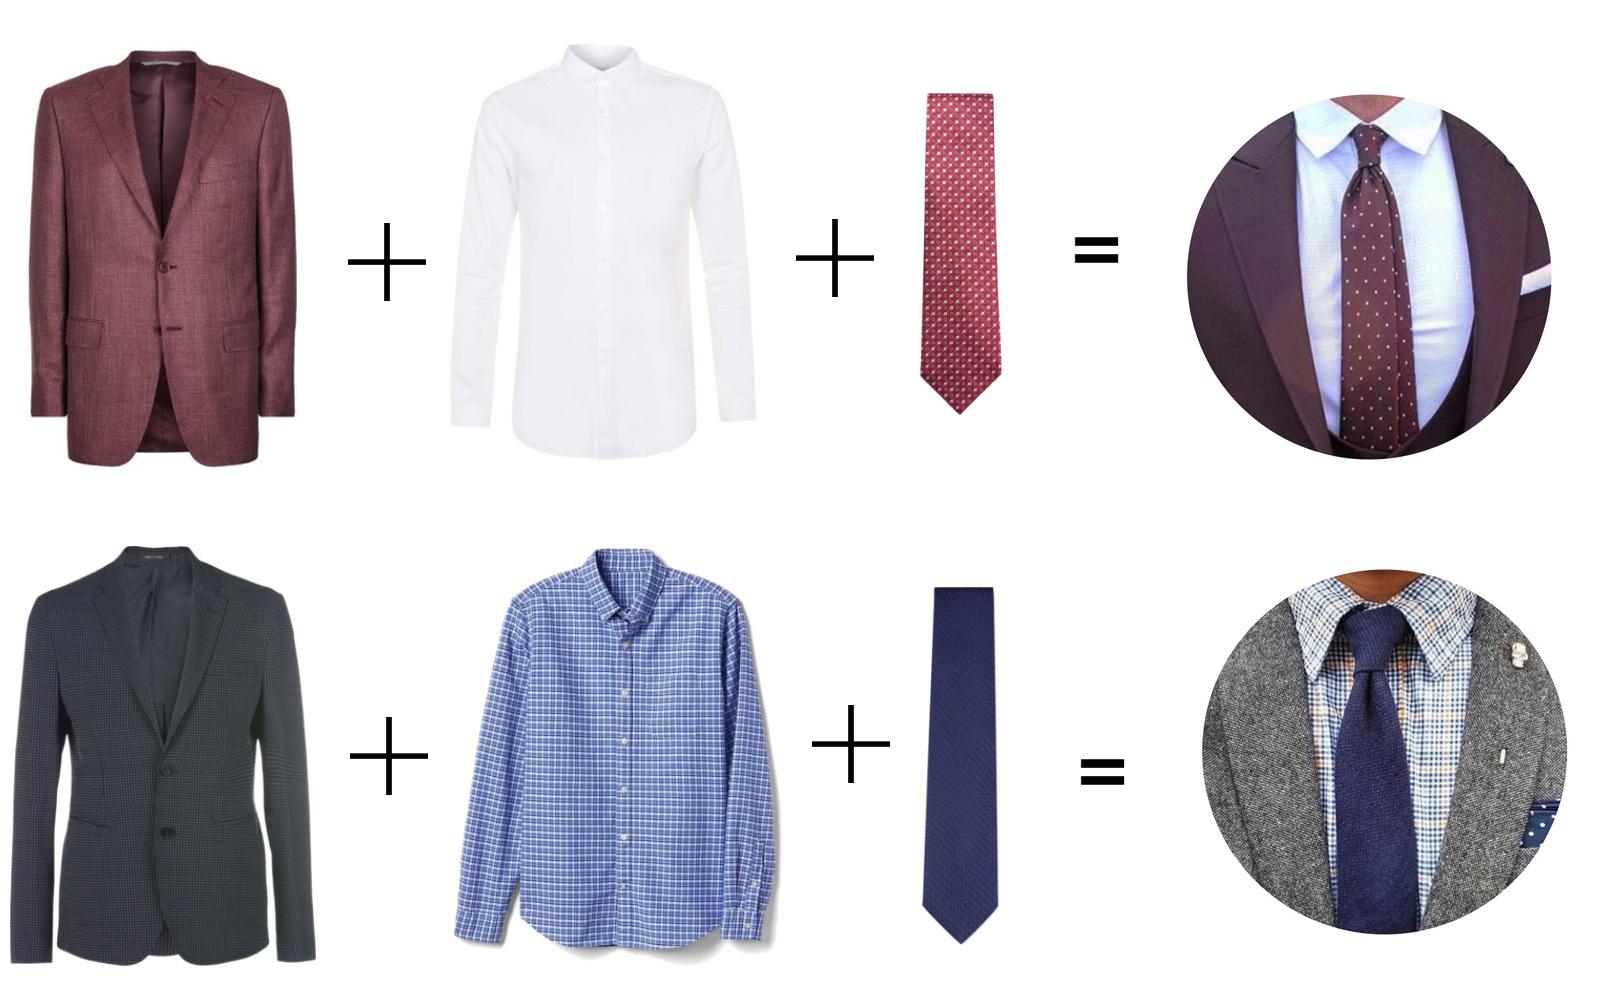 как правильно подобрать галстук к костюму фото дуба долговечны неприхотливы